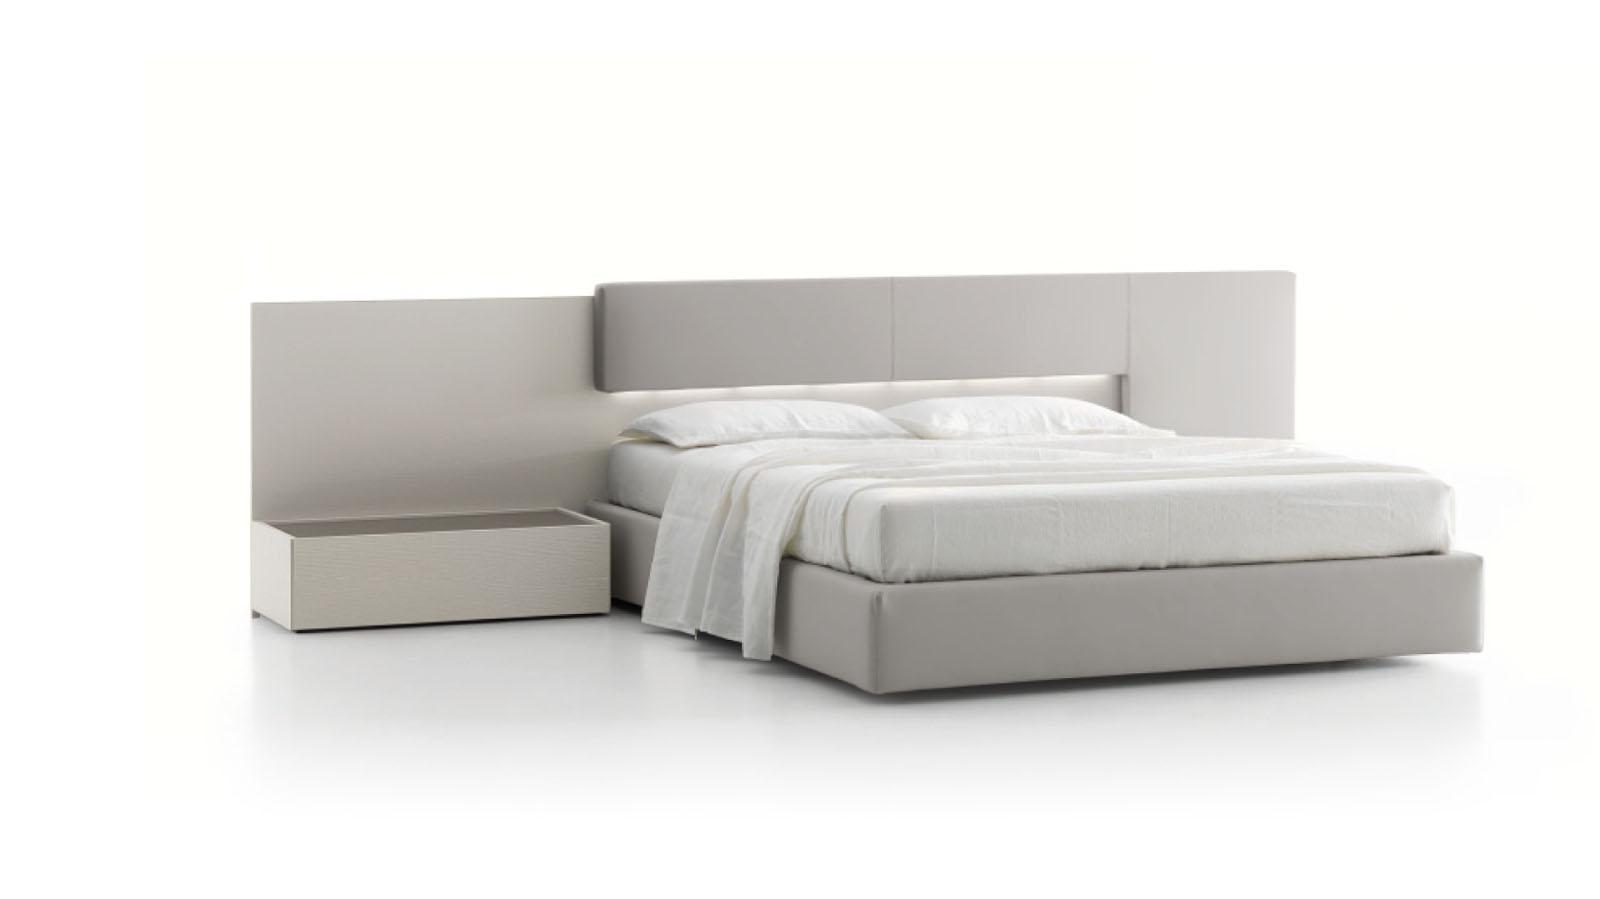 cama dormitorio sangiacomo muebles mallorca